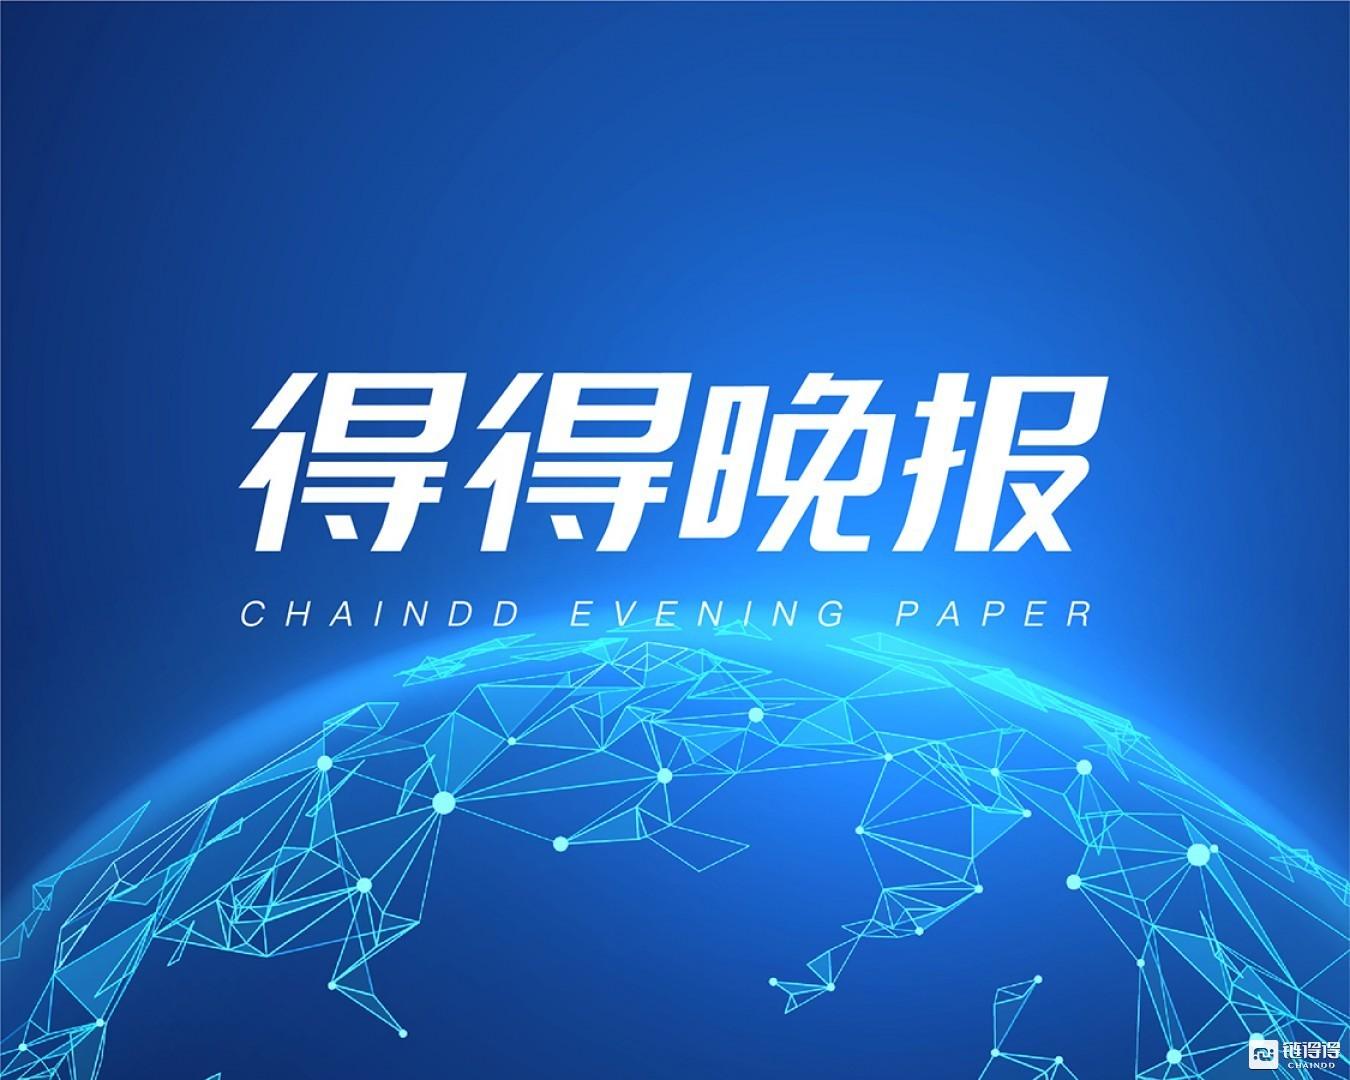 【链得得晚报】周小川:从保护投资者的角度,央行和监管部门需要予以数字货币高度关注